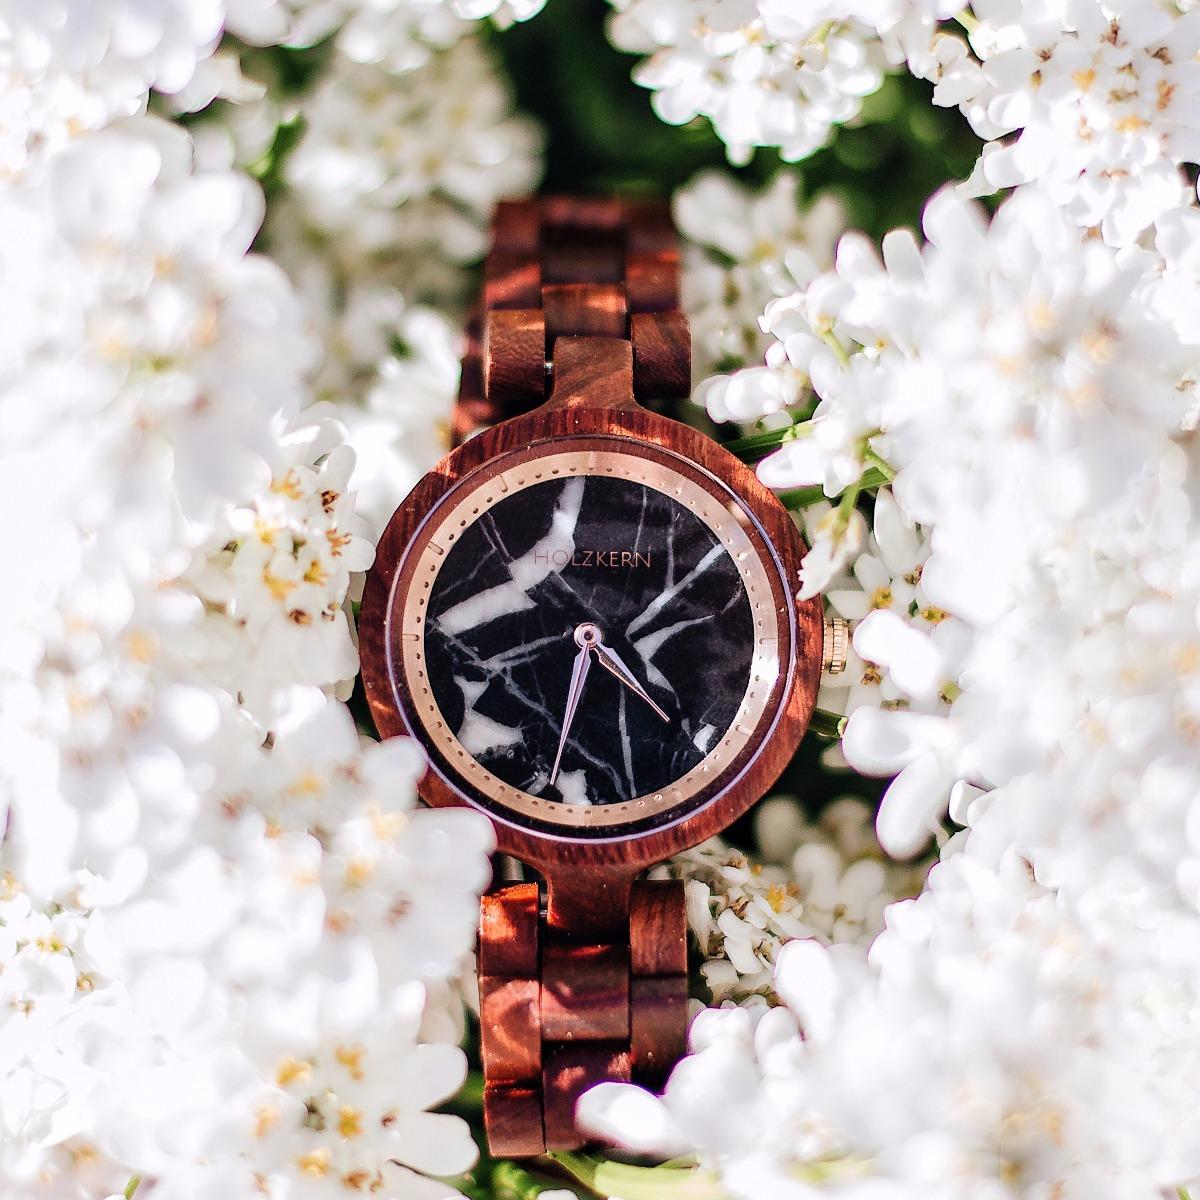 """Umgeben von weißen Blüten erkennt man die Holzuhr """"Schwarze Rose"""" von Holzkern mit einem Ziffernblatt aus echtem Marmor"""